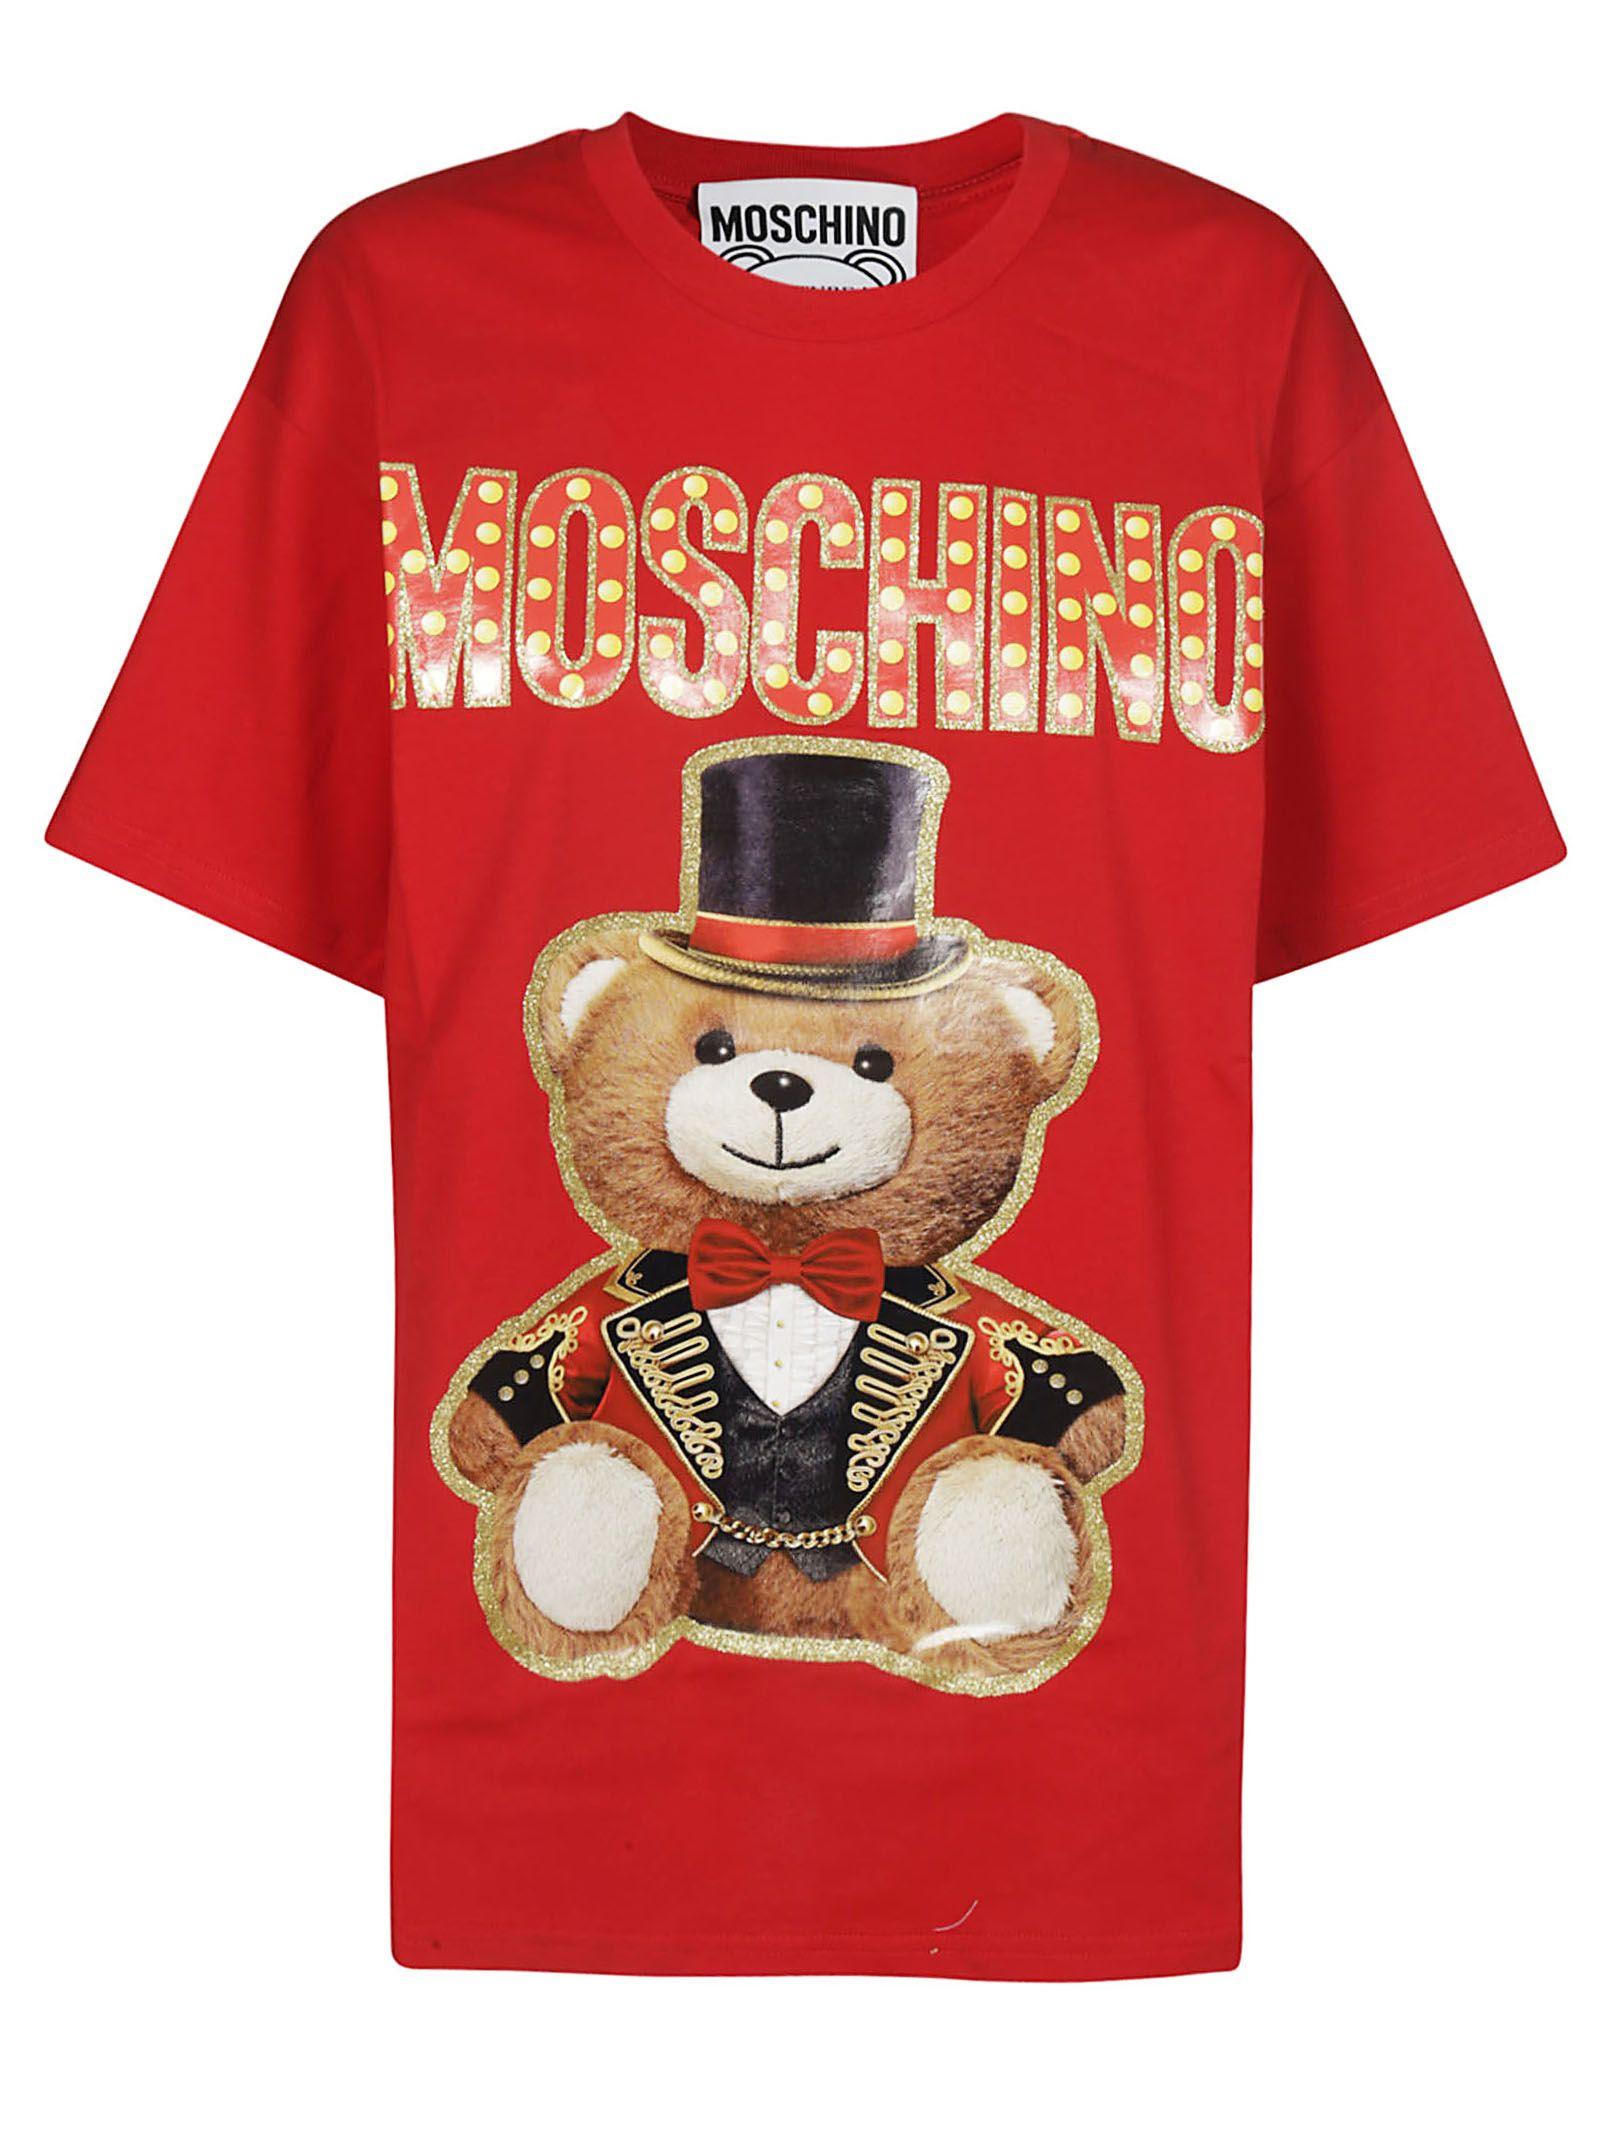 Moschino Oversized Circus Teddy T-shirt